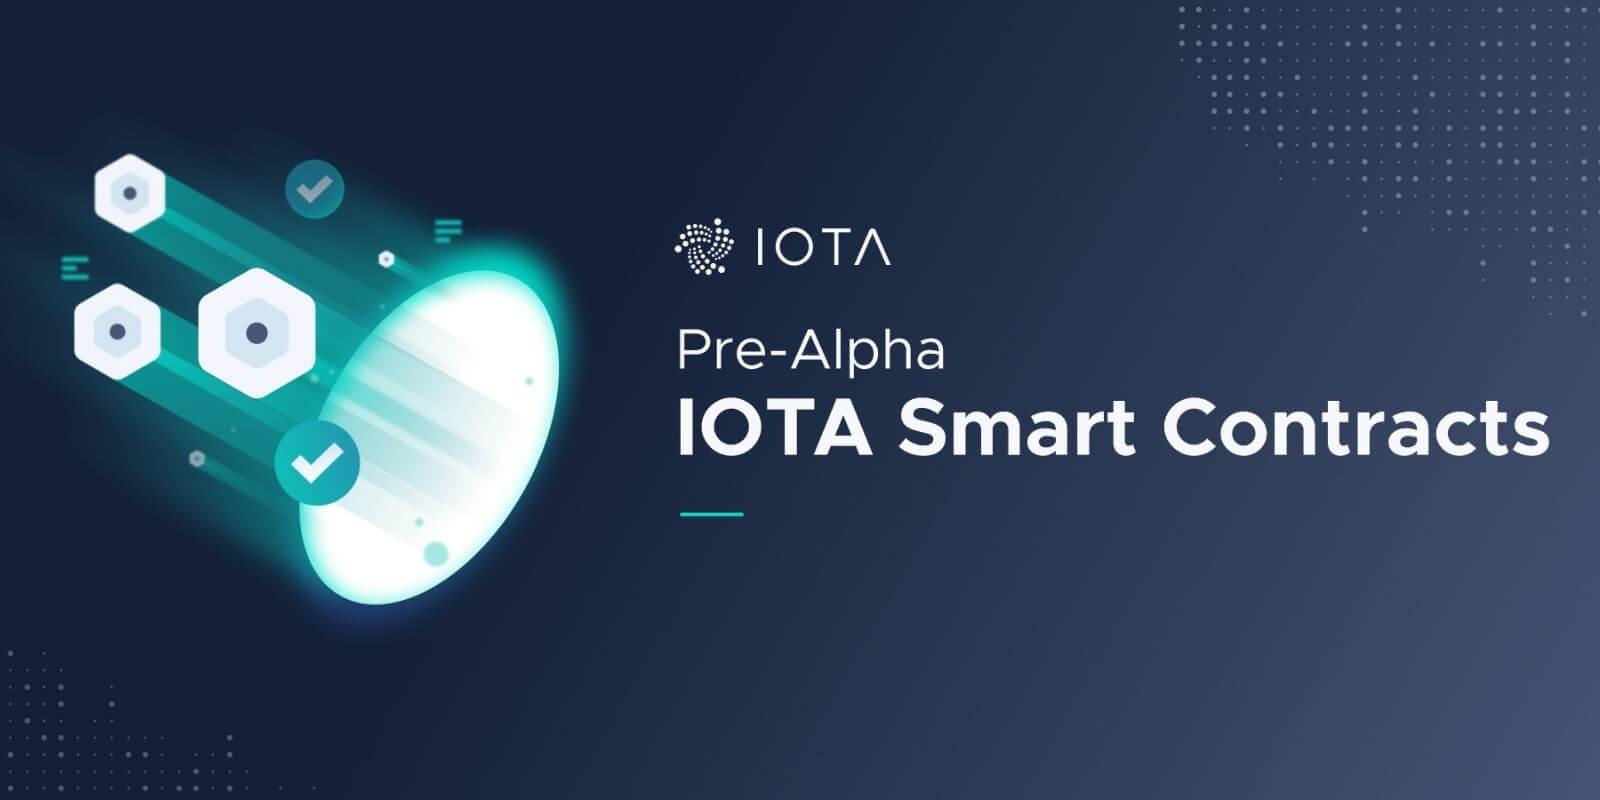 IOTA lance sa plateforme de smart contracts